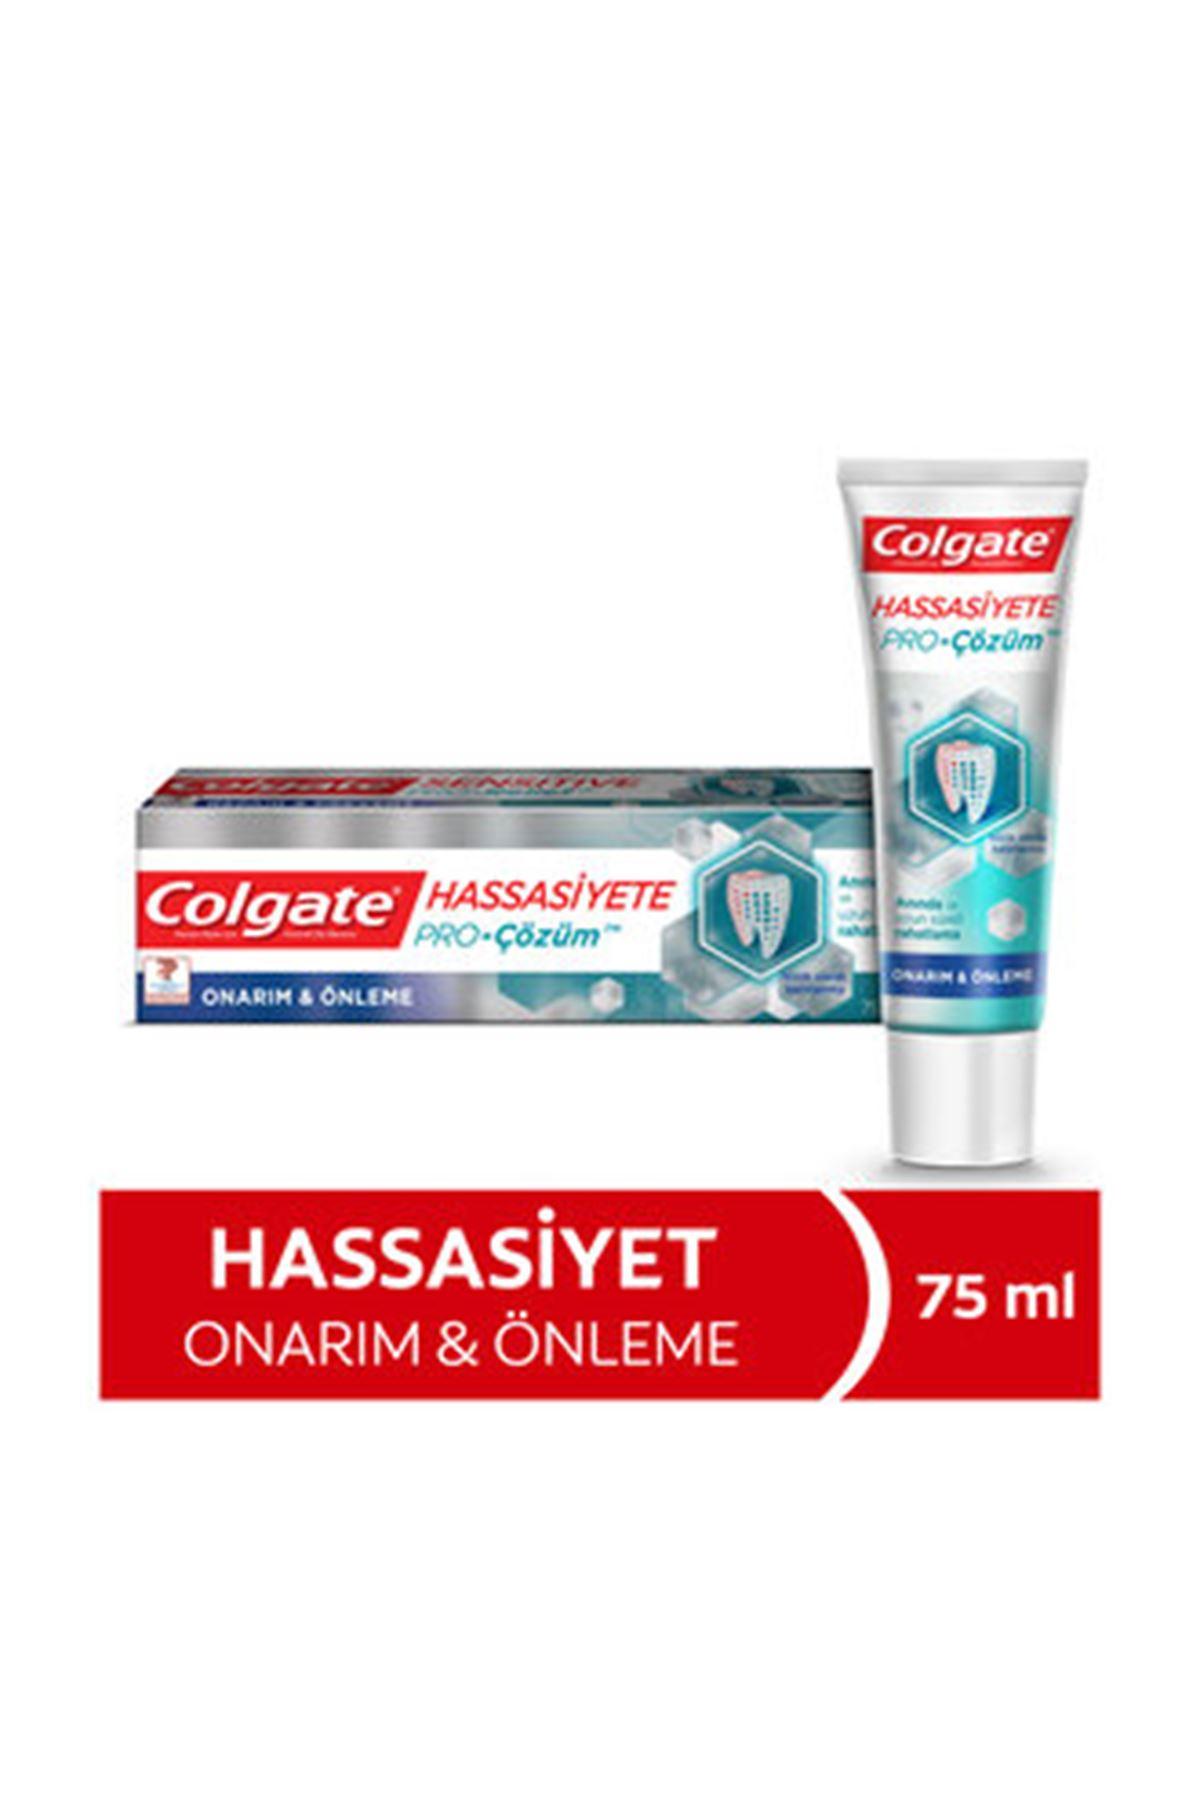 Colgate Hassasiyete Pro-Çözüm Onarım ve Önleme Diş Macunu 75 ml